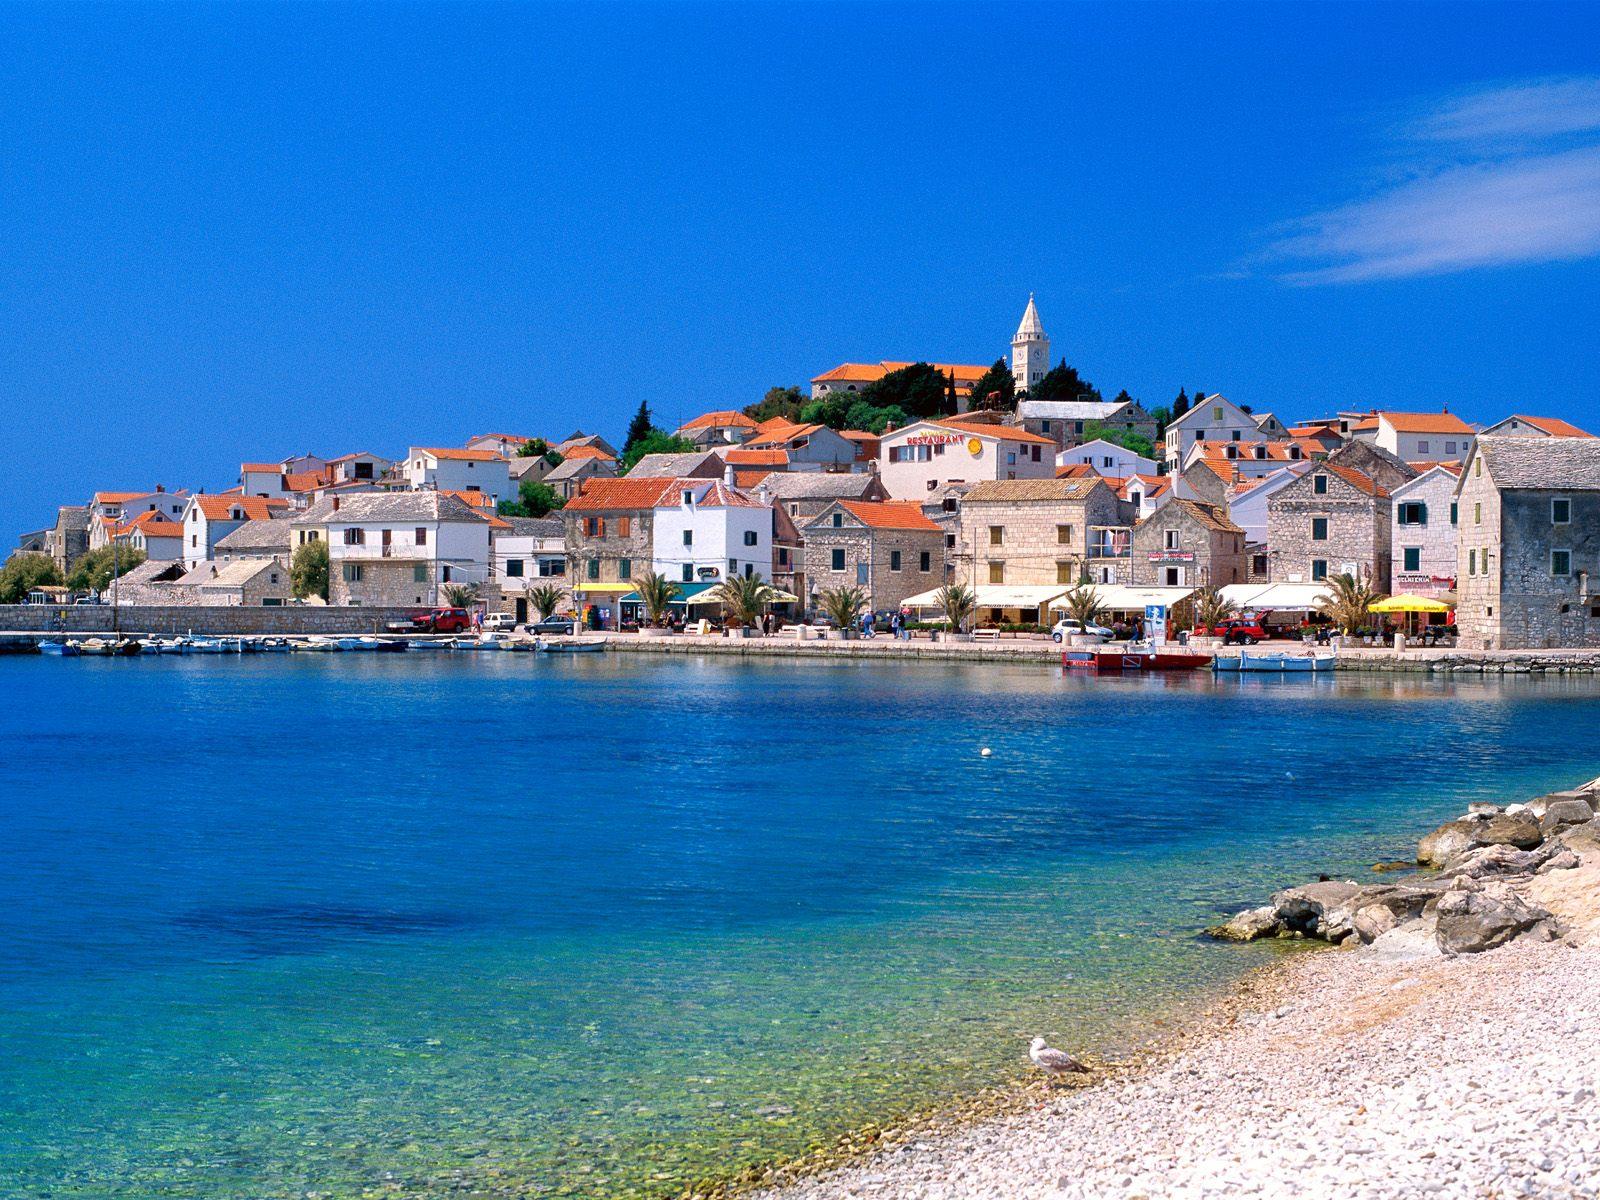 Croatia Pictures